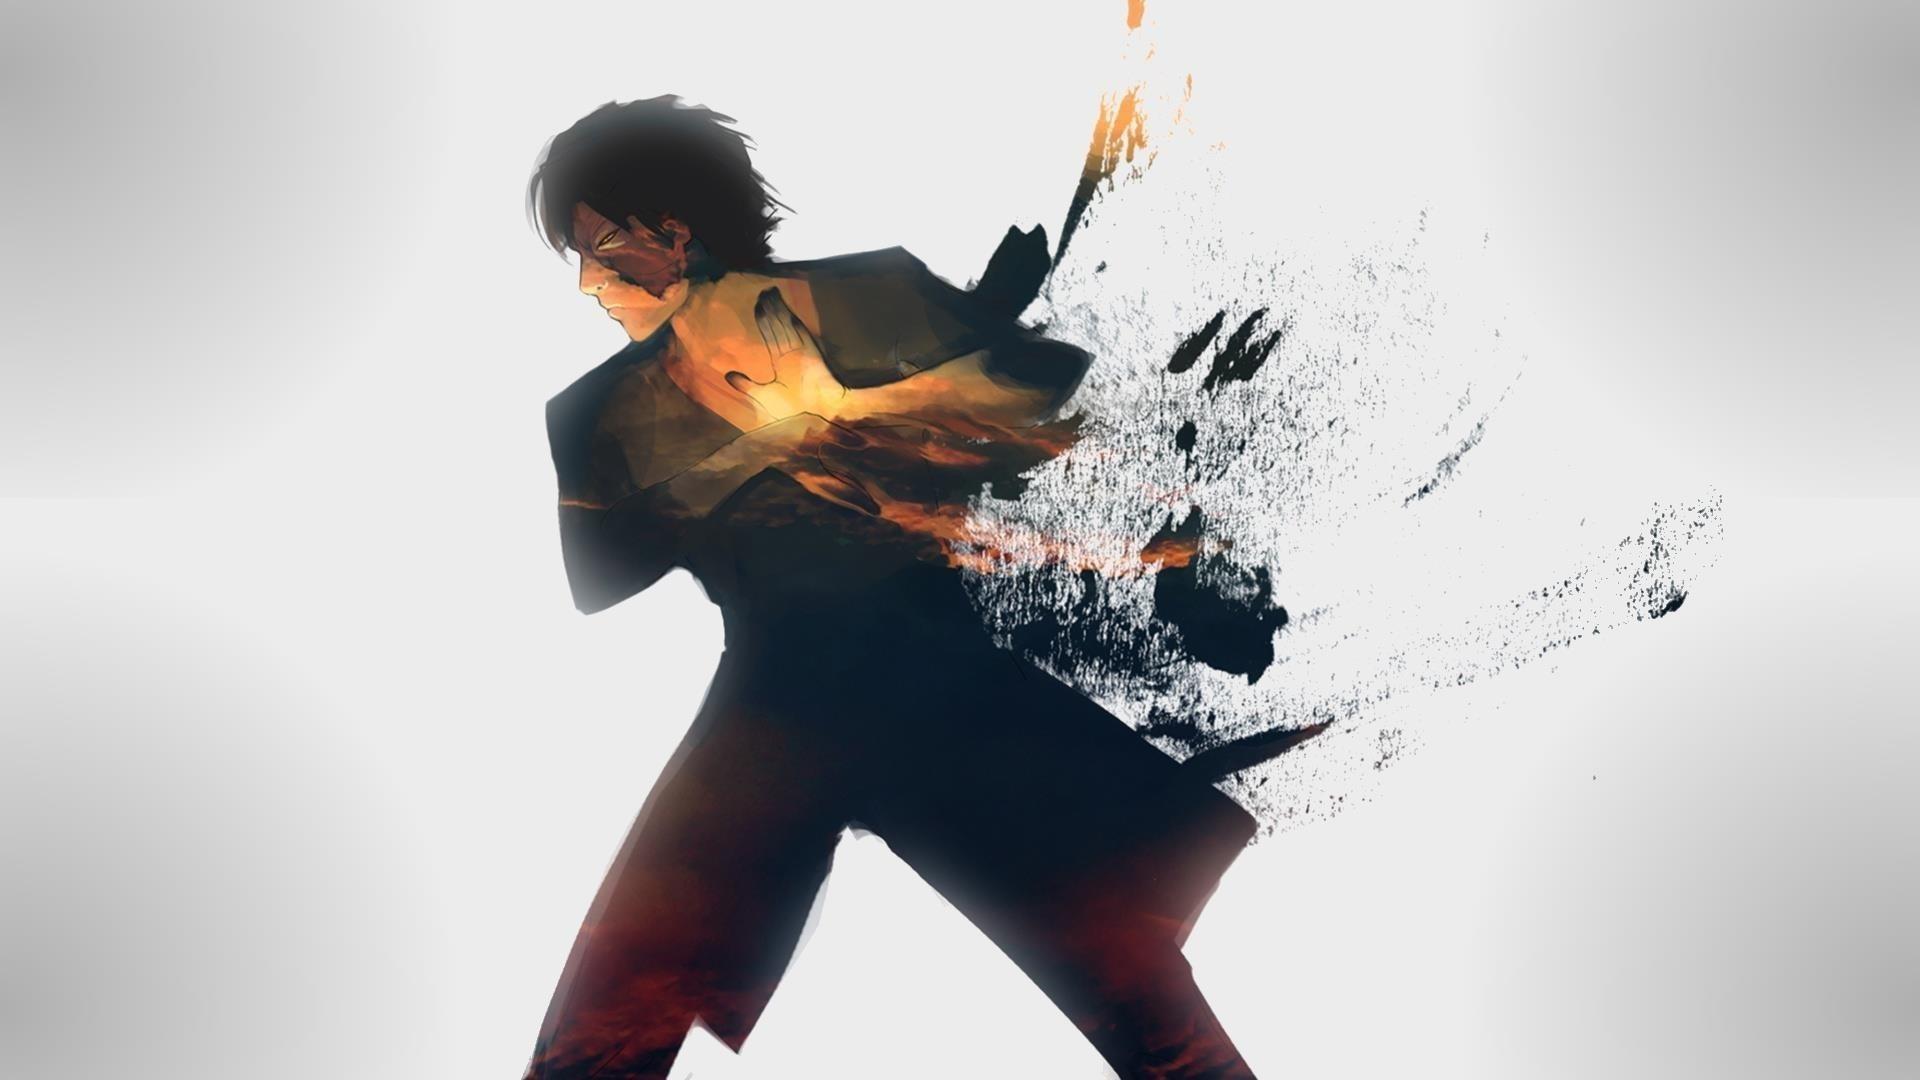 Аватар последний маг воздуха Зуко живопись аниме обои скачать